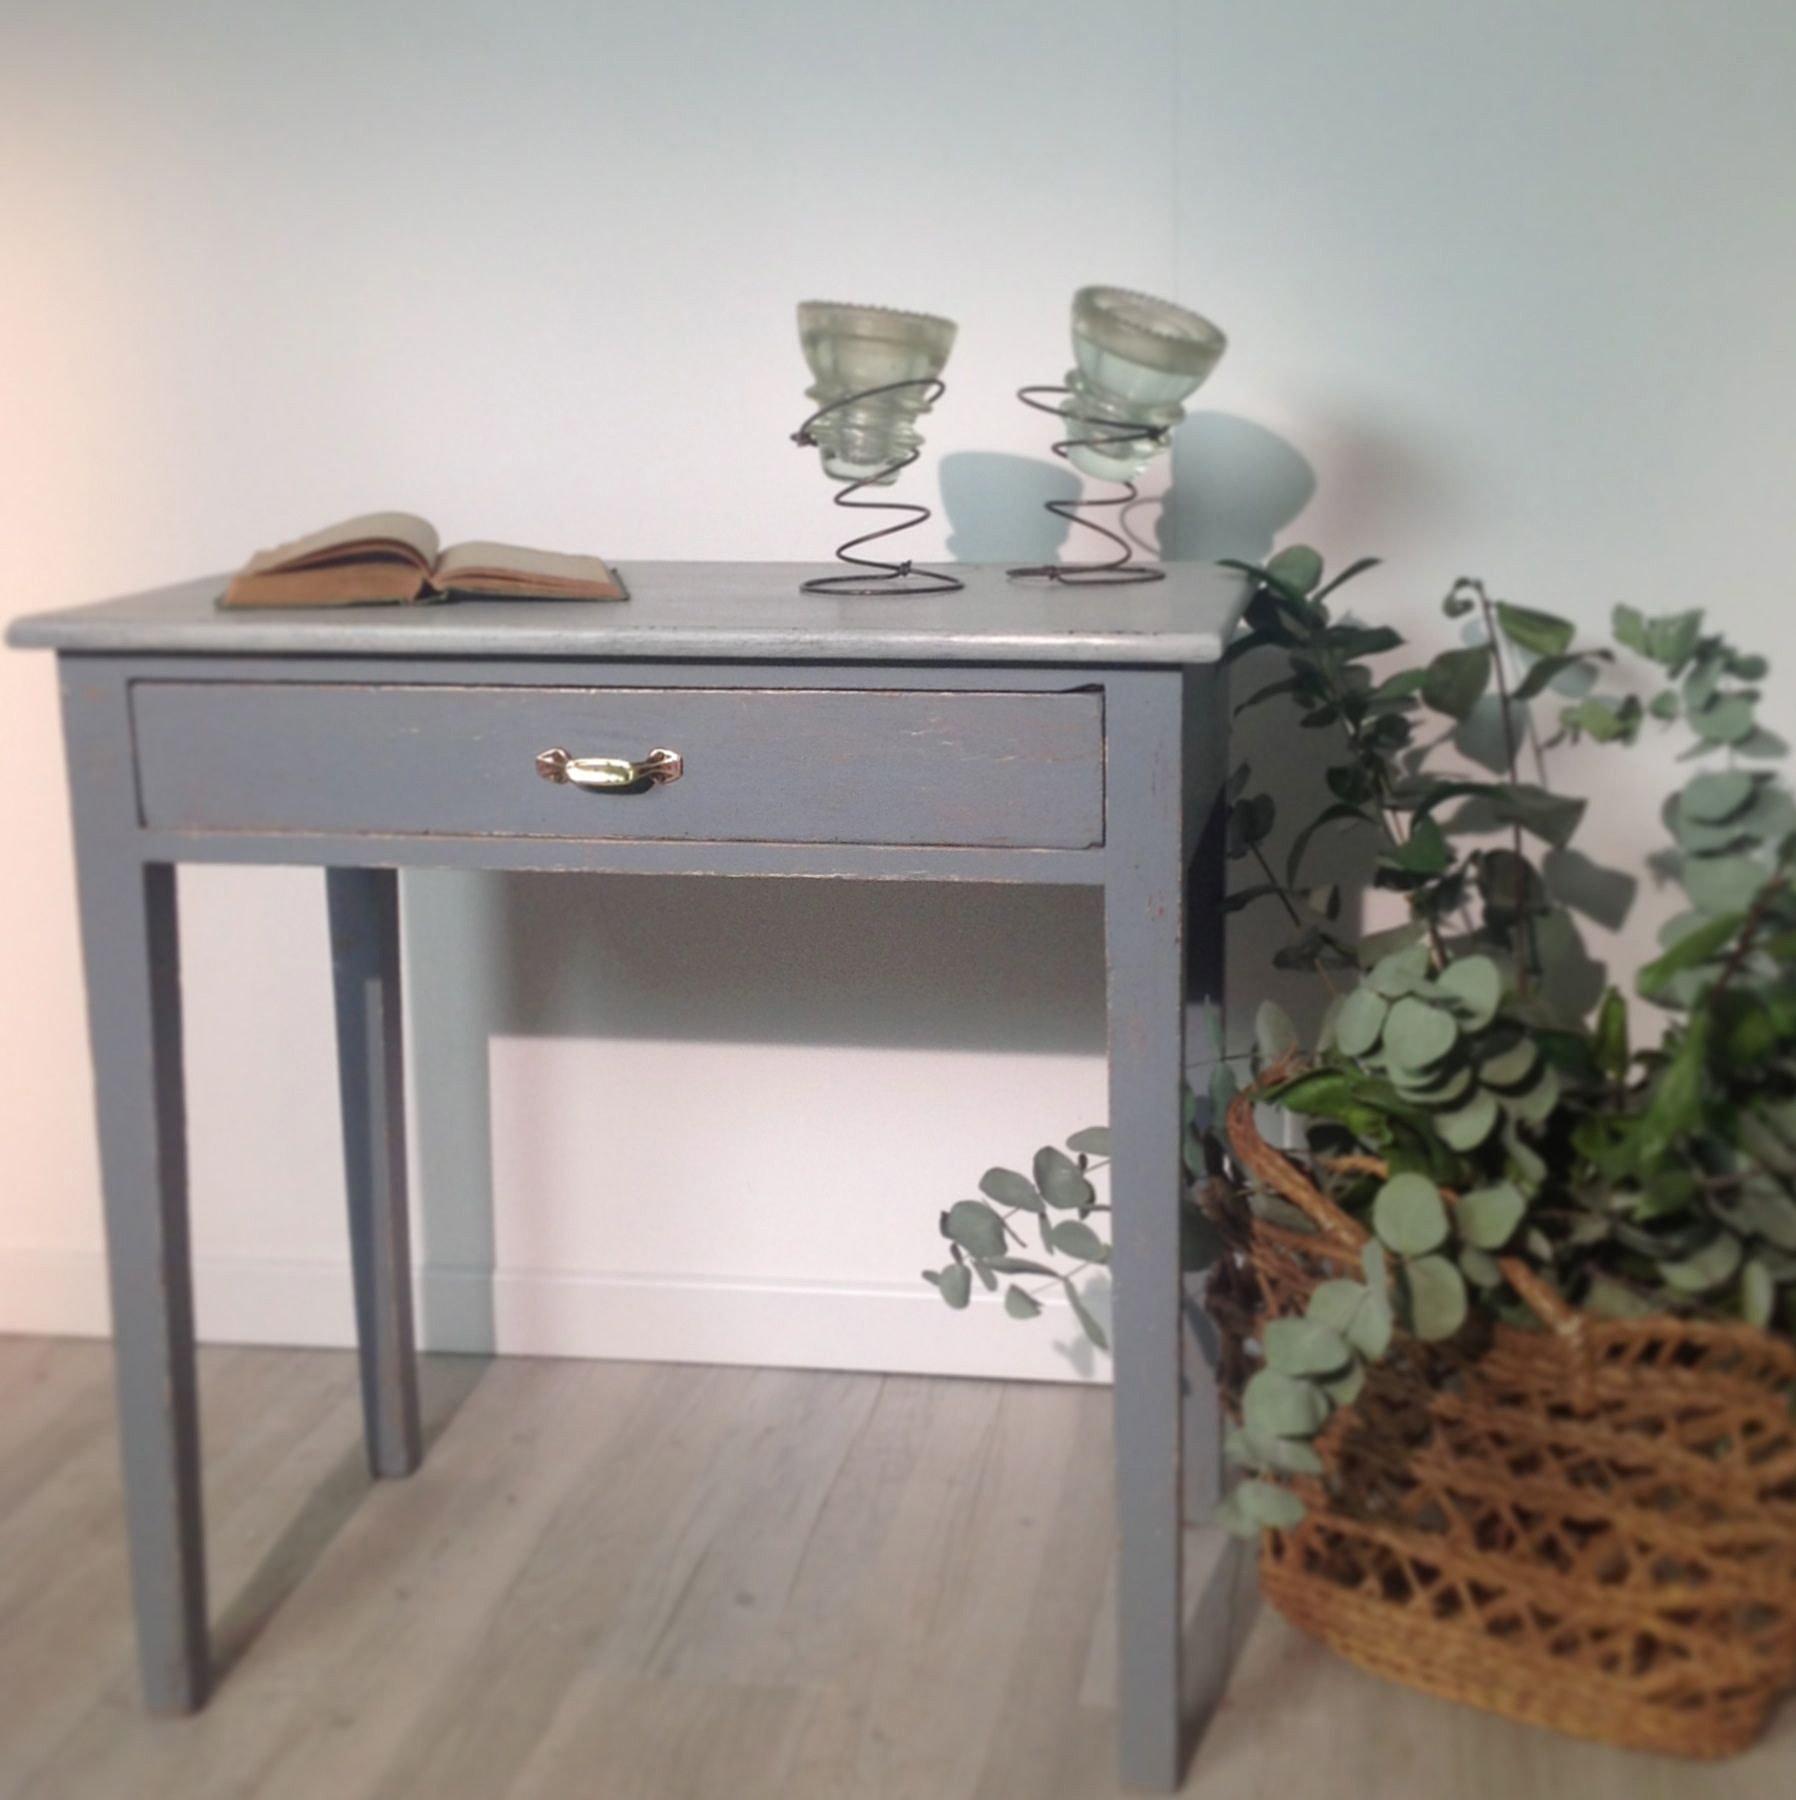 El antiguo bazar peque a mesa auxiliar - Mesas auxiliares pequenas ...